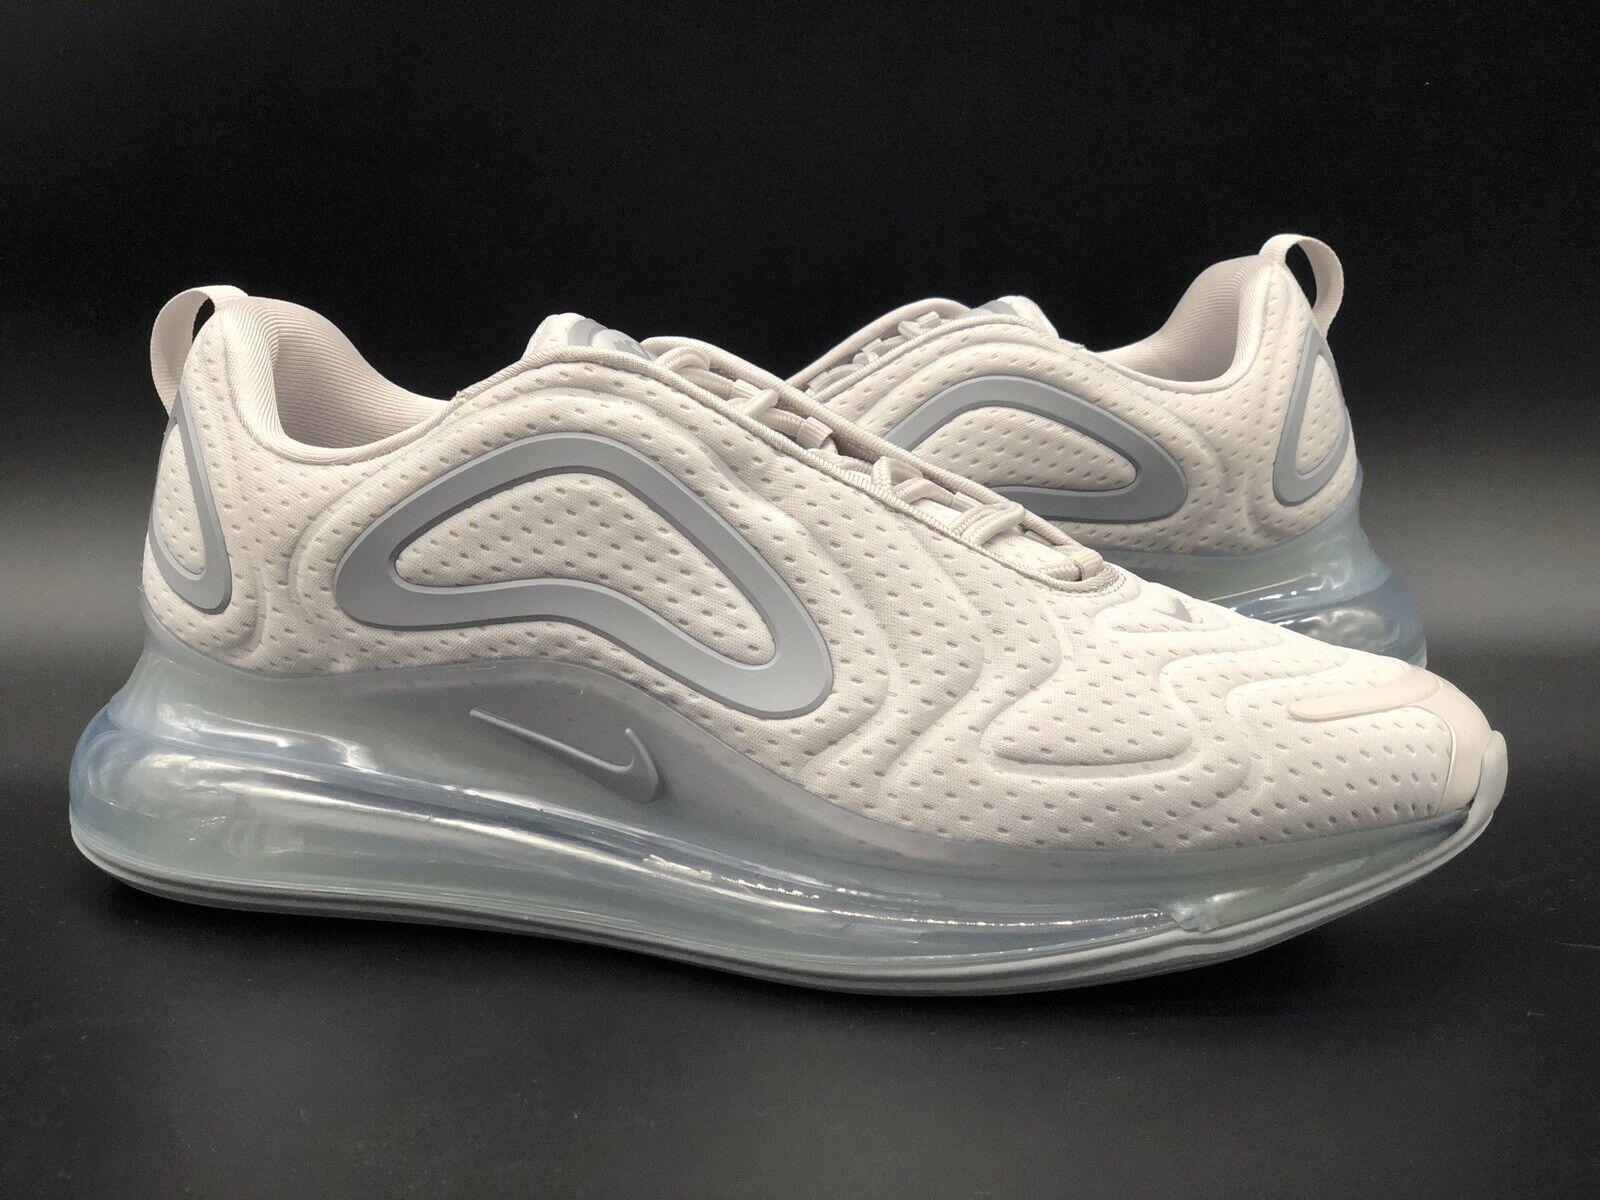 Nike Air Max Zero Premium 881982-001